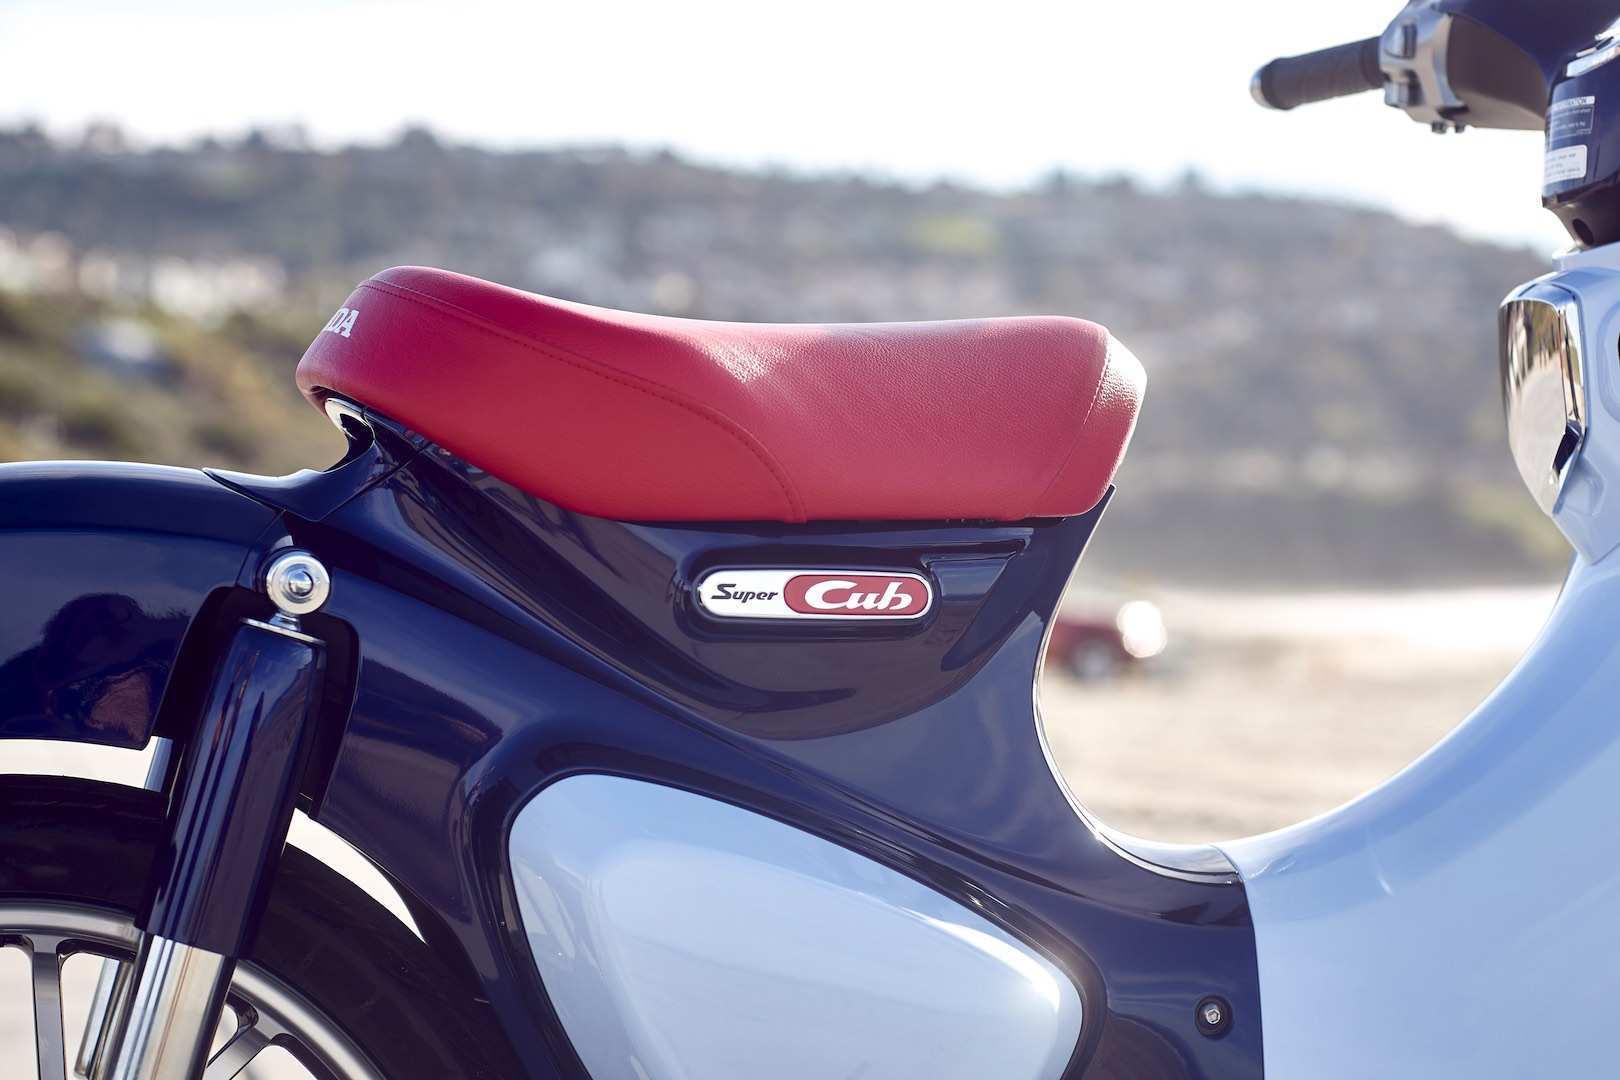 25 Great Honda Super Cub 2020 New Concept for Honda Super Cub 2020